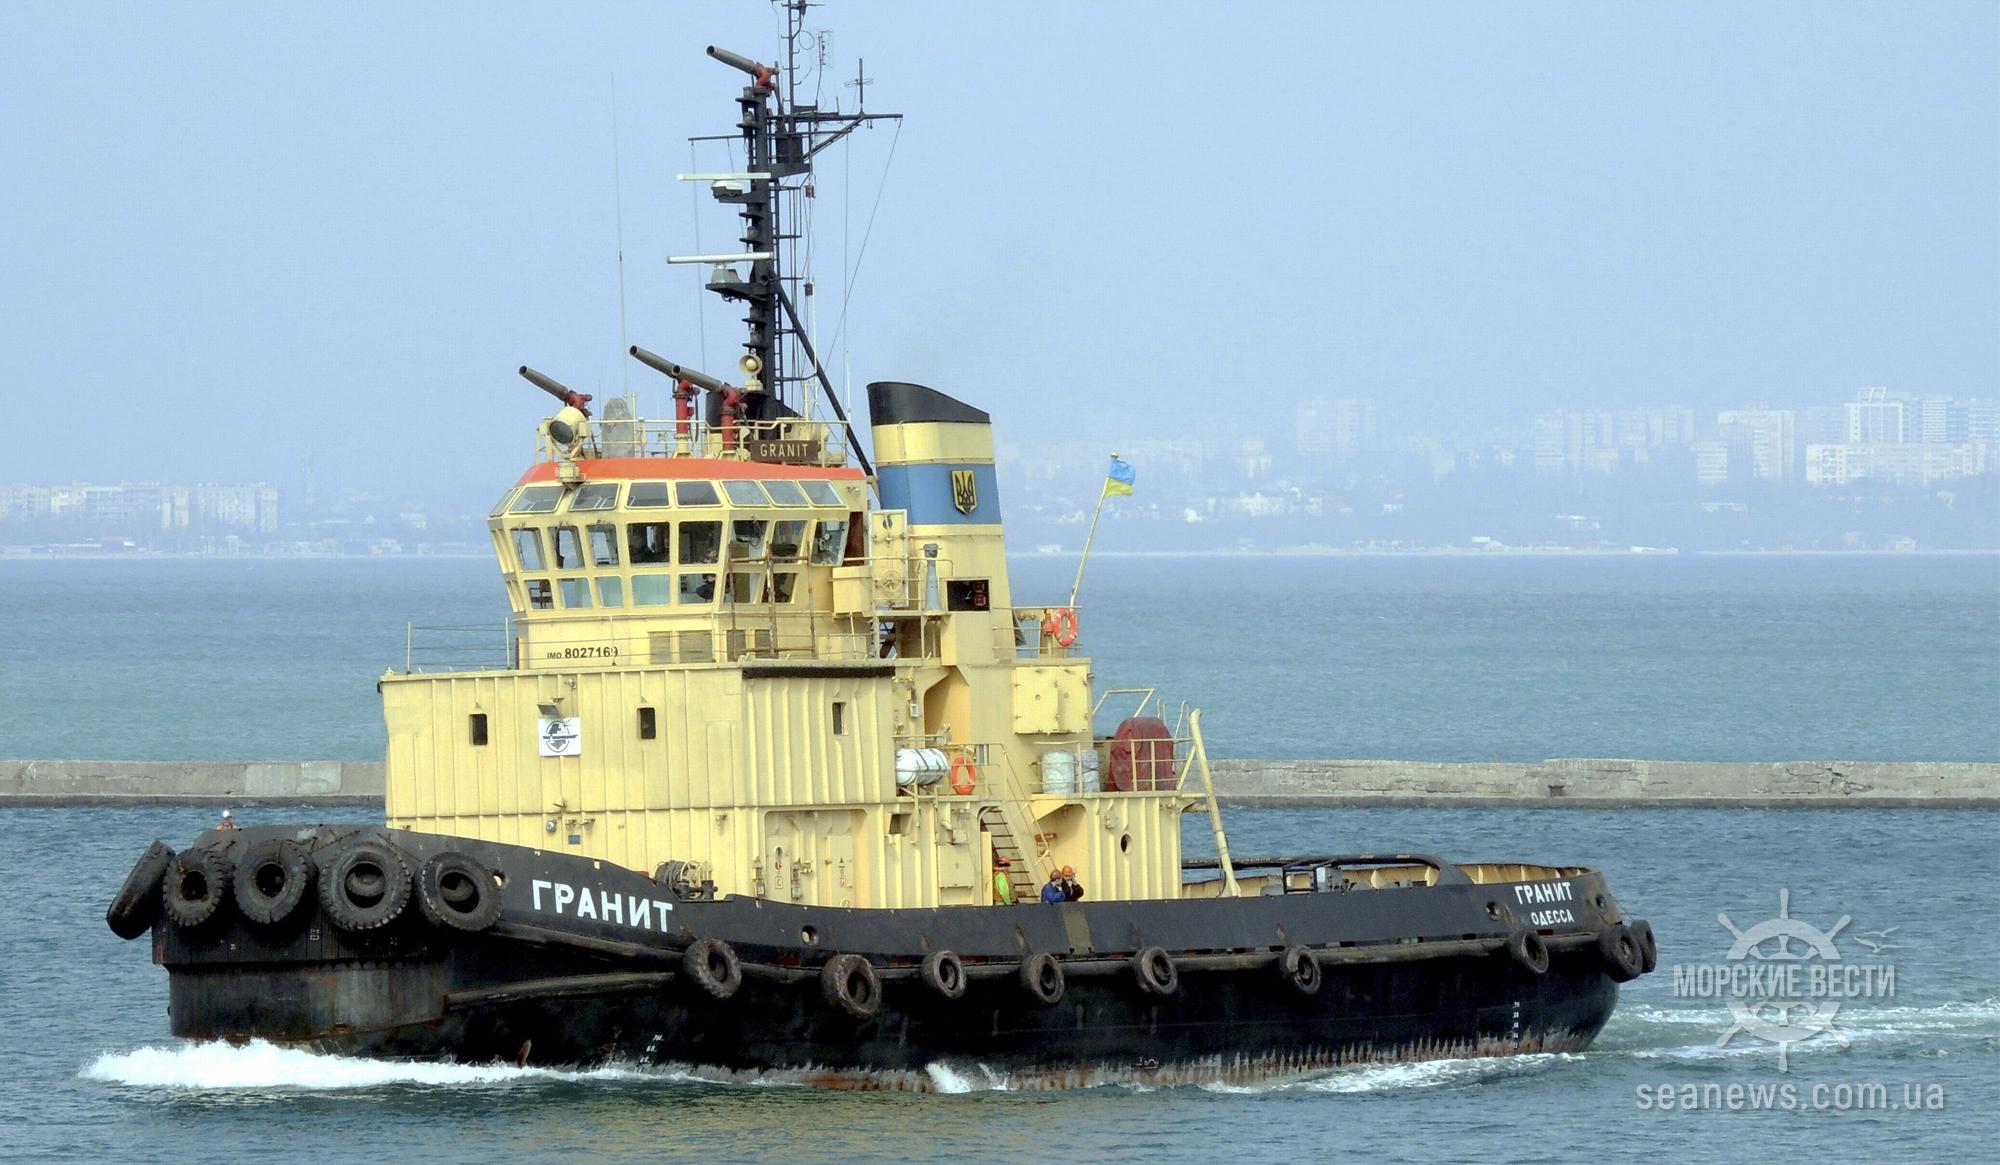 Одесский морпорт проводит ремонт самого мощного судна портофлота